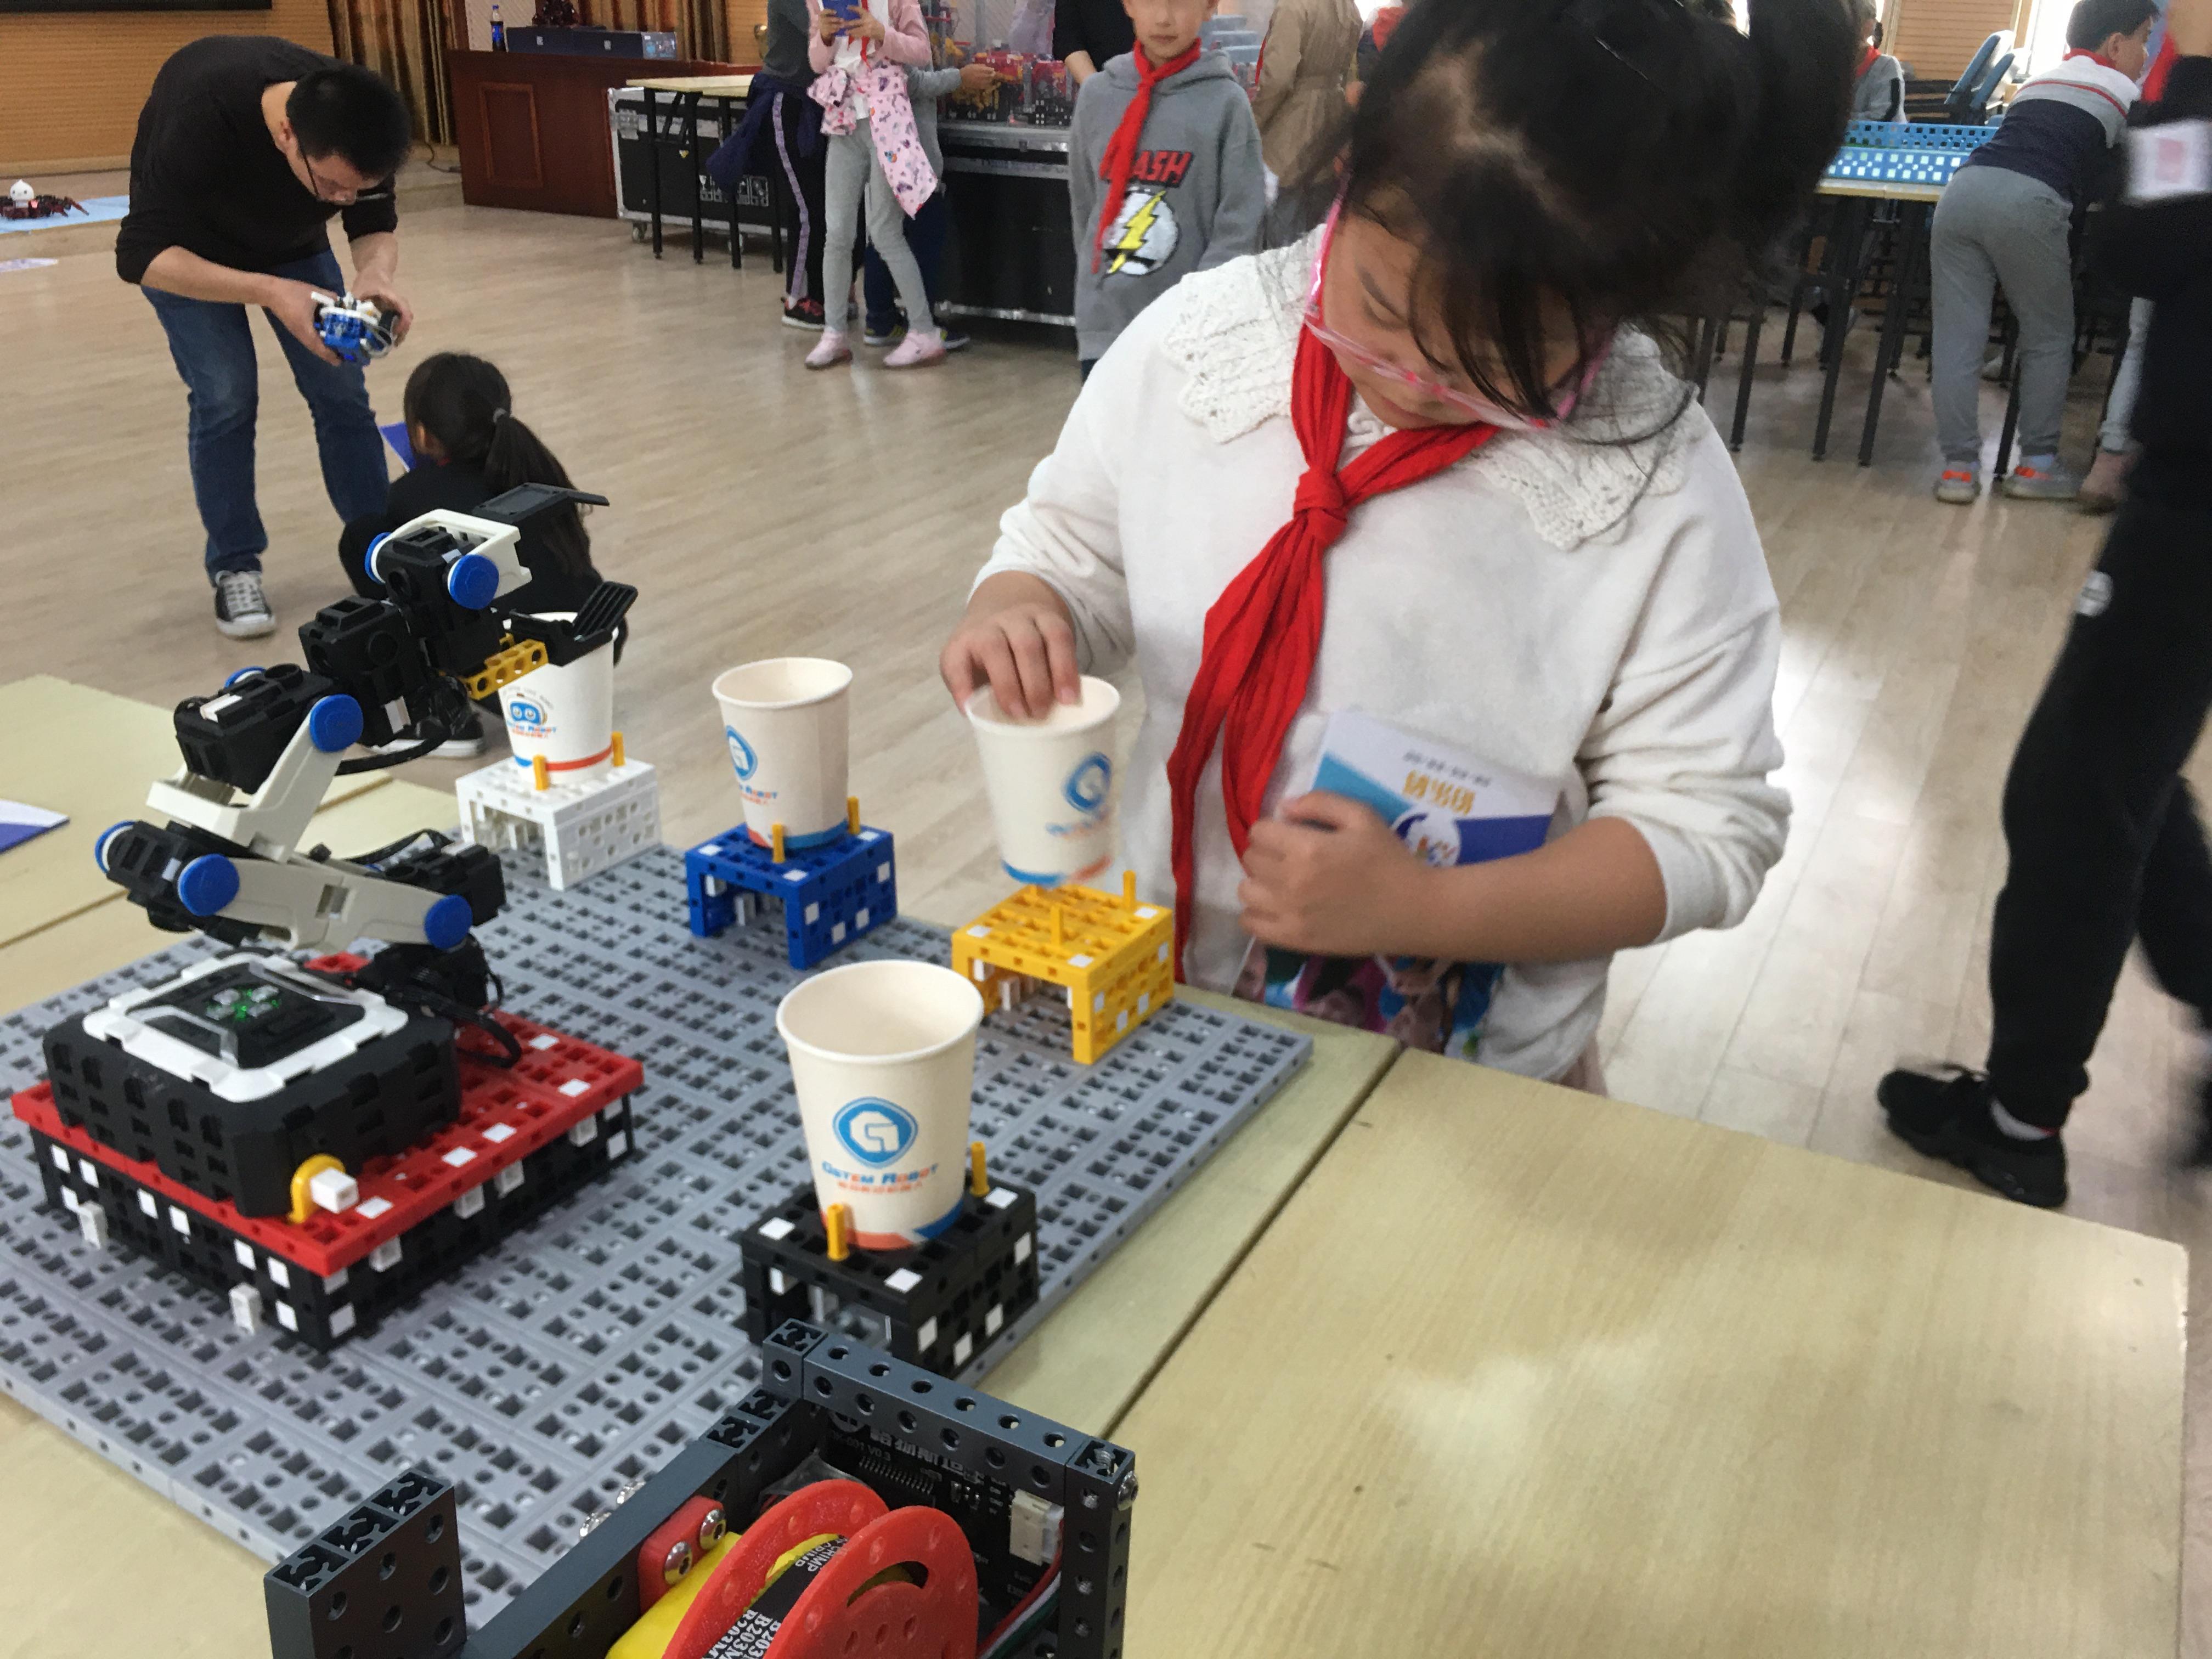 机器人编程教育在幼儿园教学中的应用